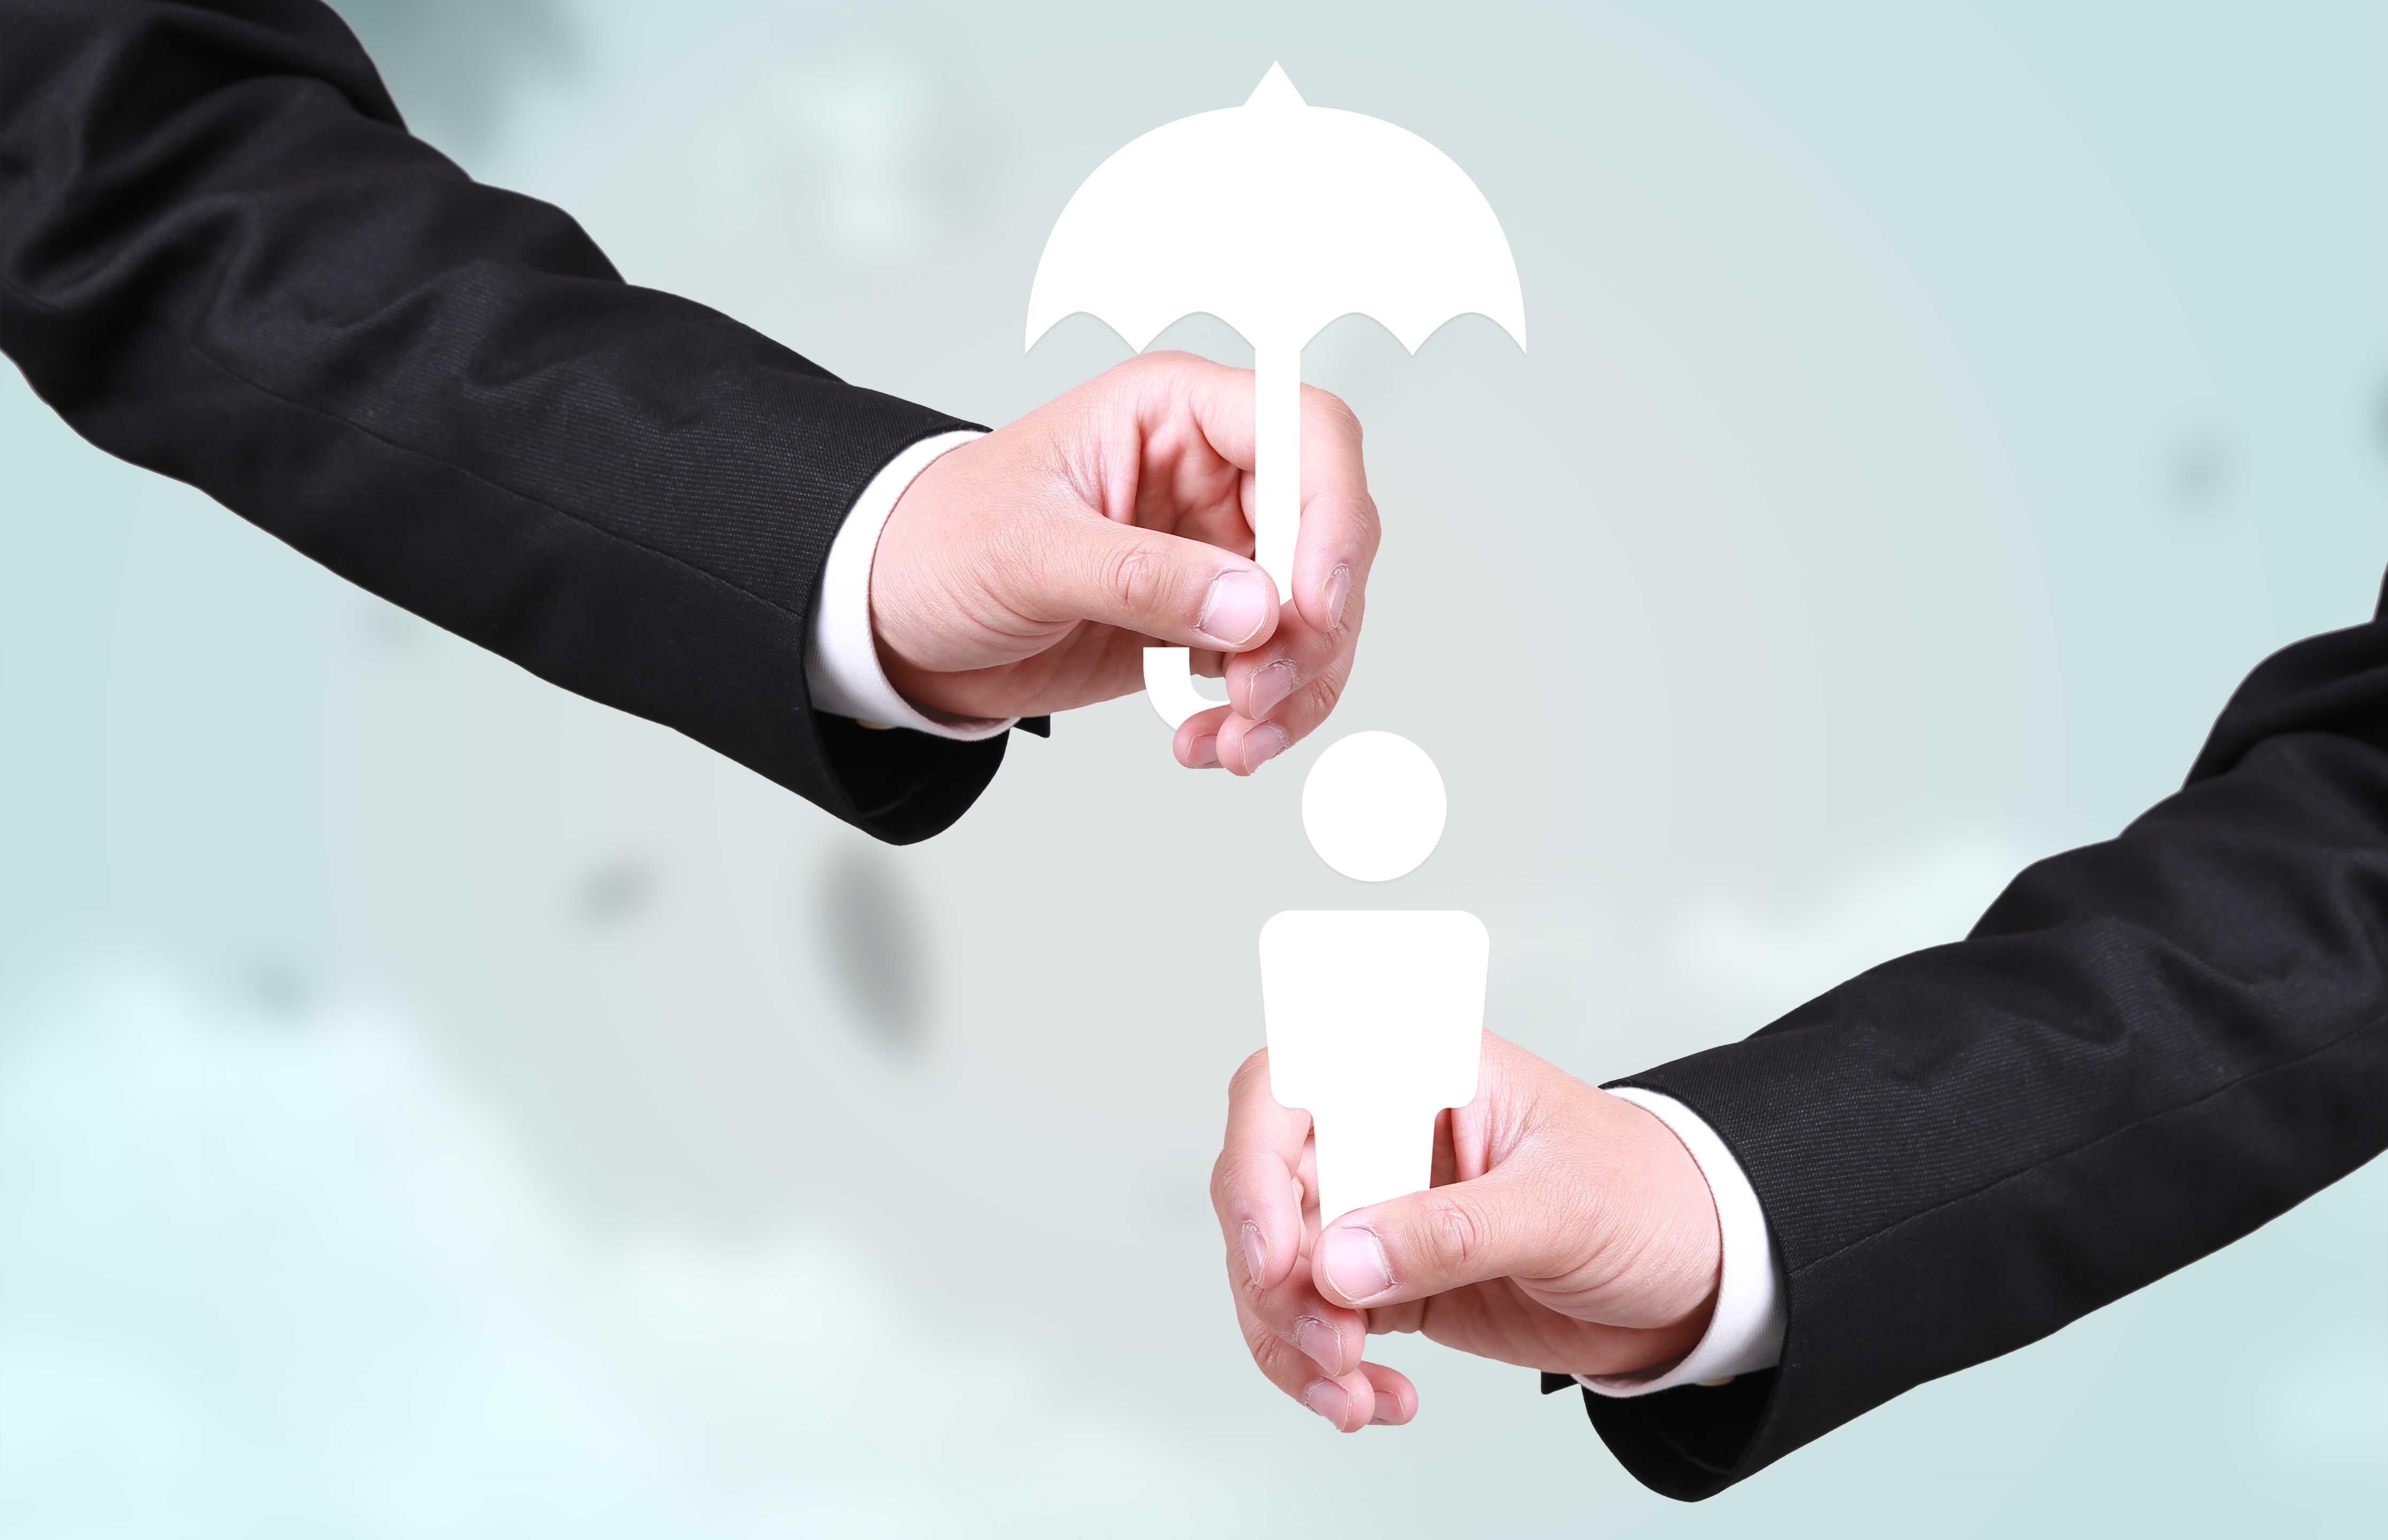 社保断缴如何补缴,代缴社保的企业,代理社保